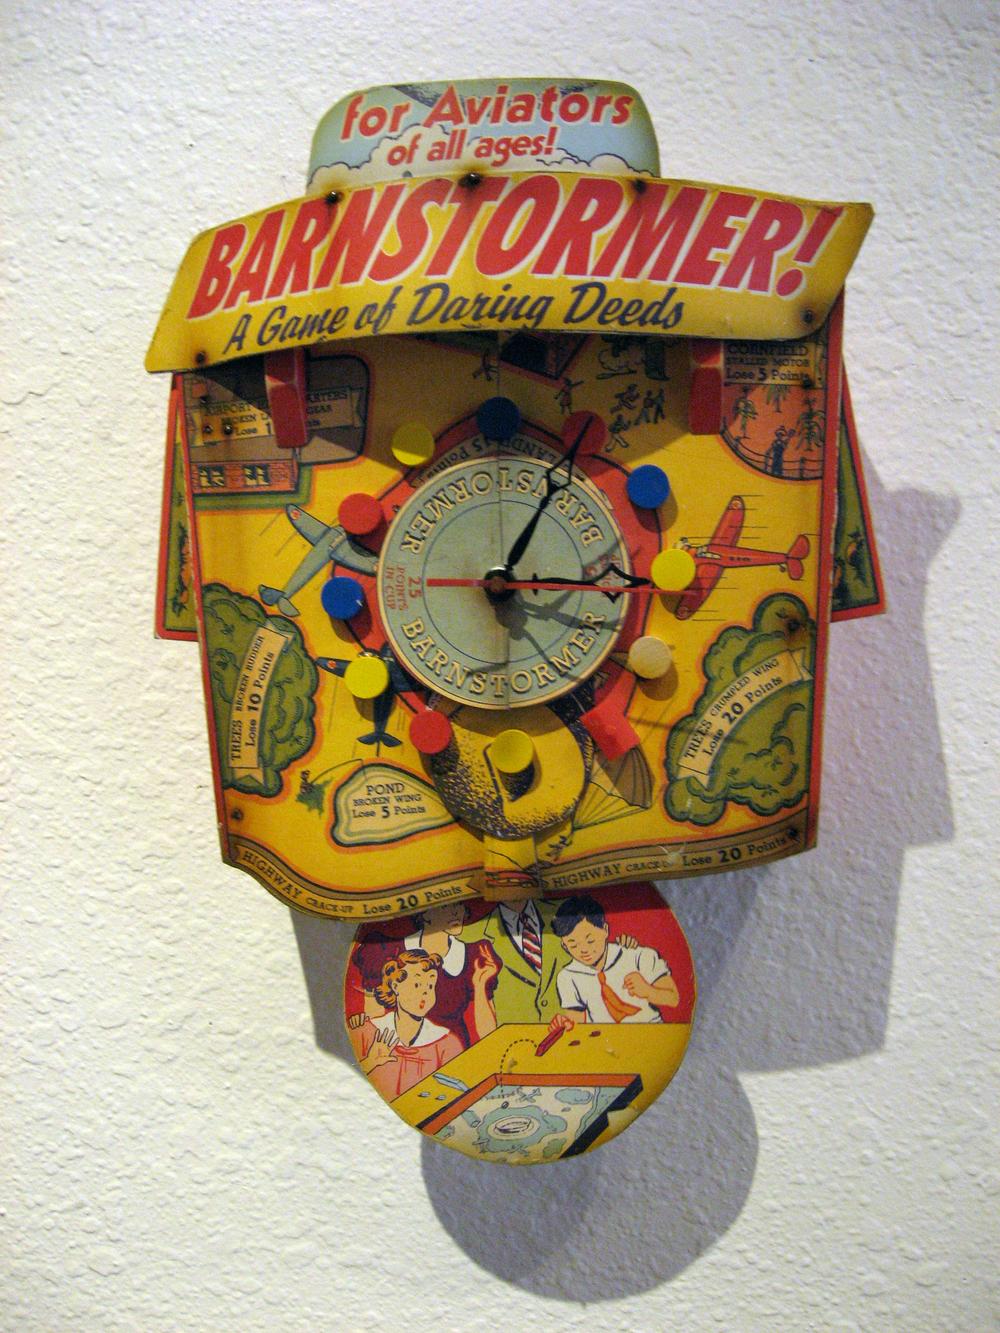 barnstormer_clock.jpg